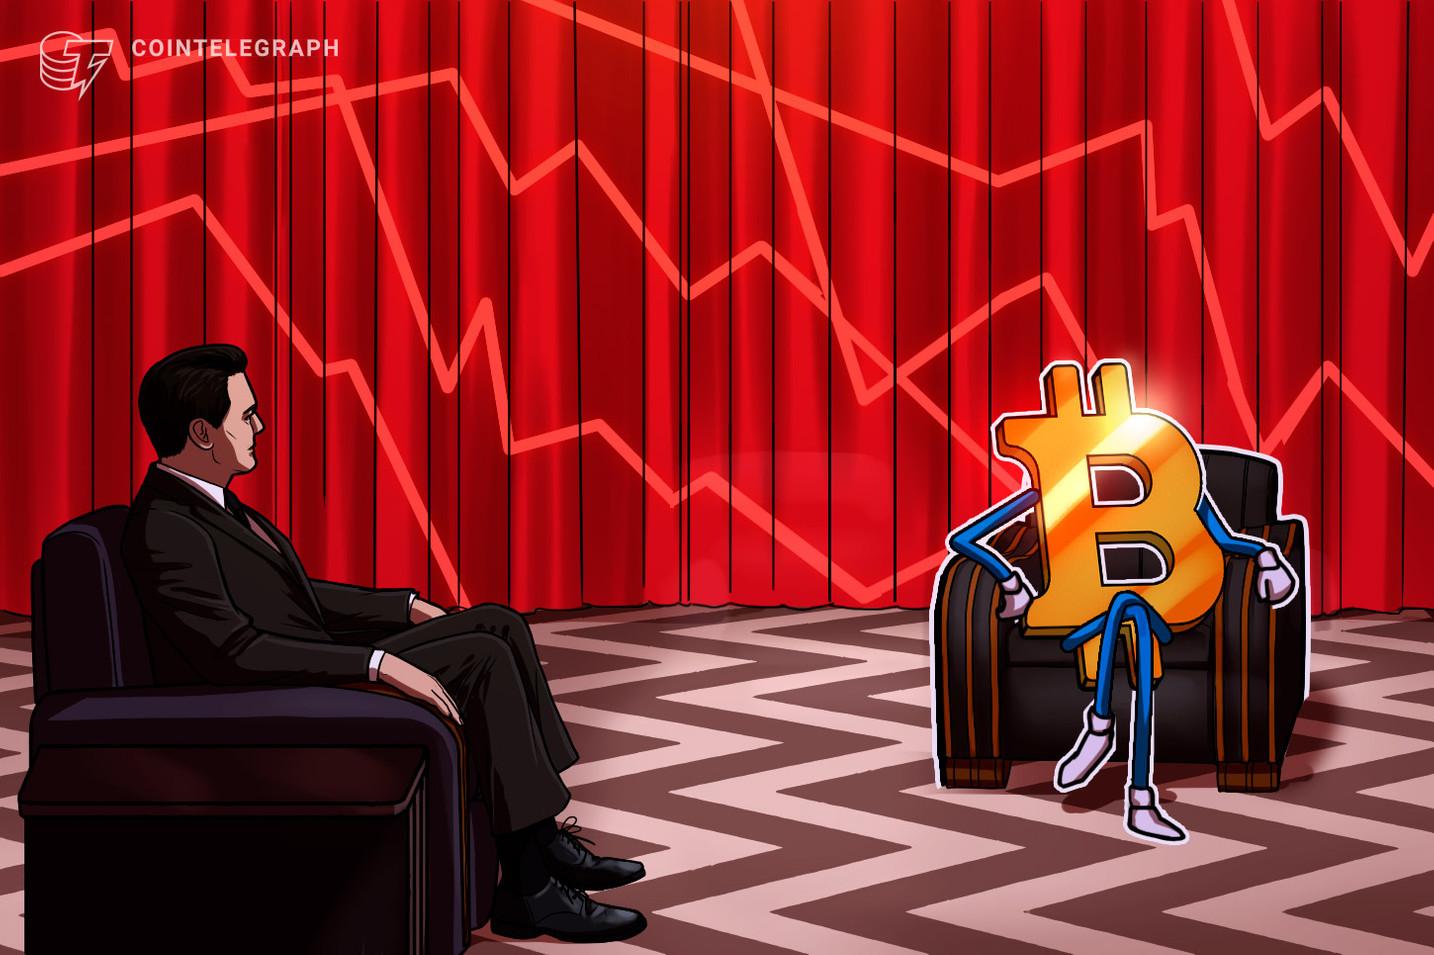 Bitcoin analistleri 55 bin doların altına gerileme konusunda uyardı